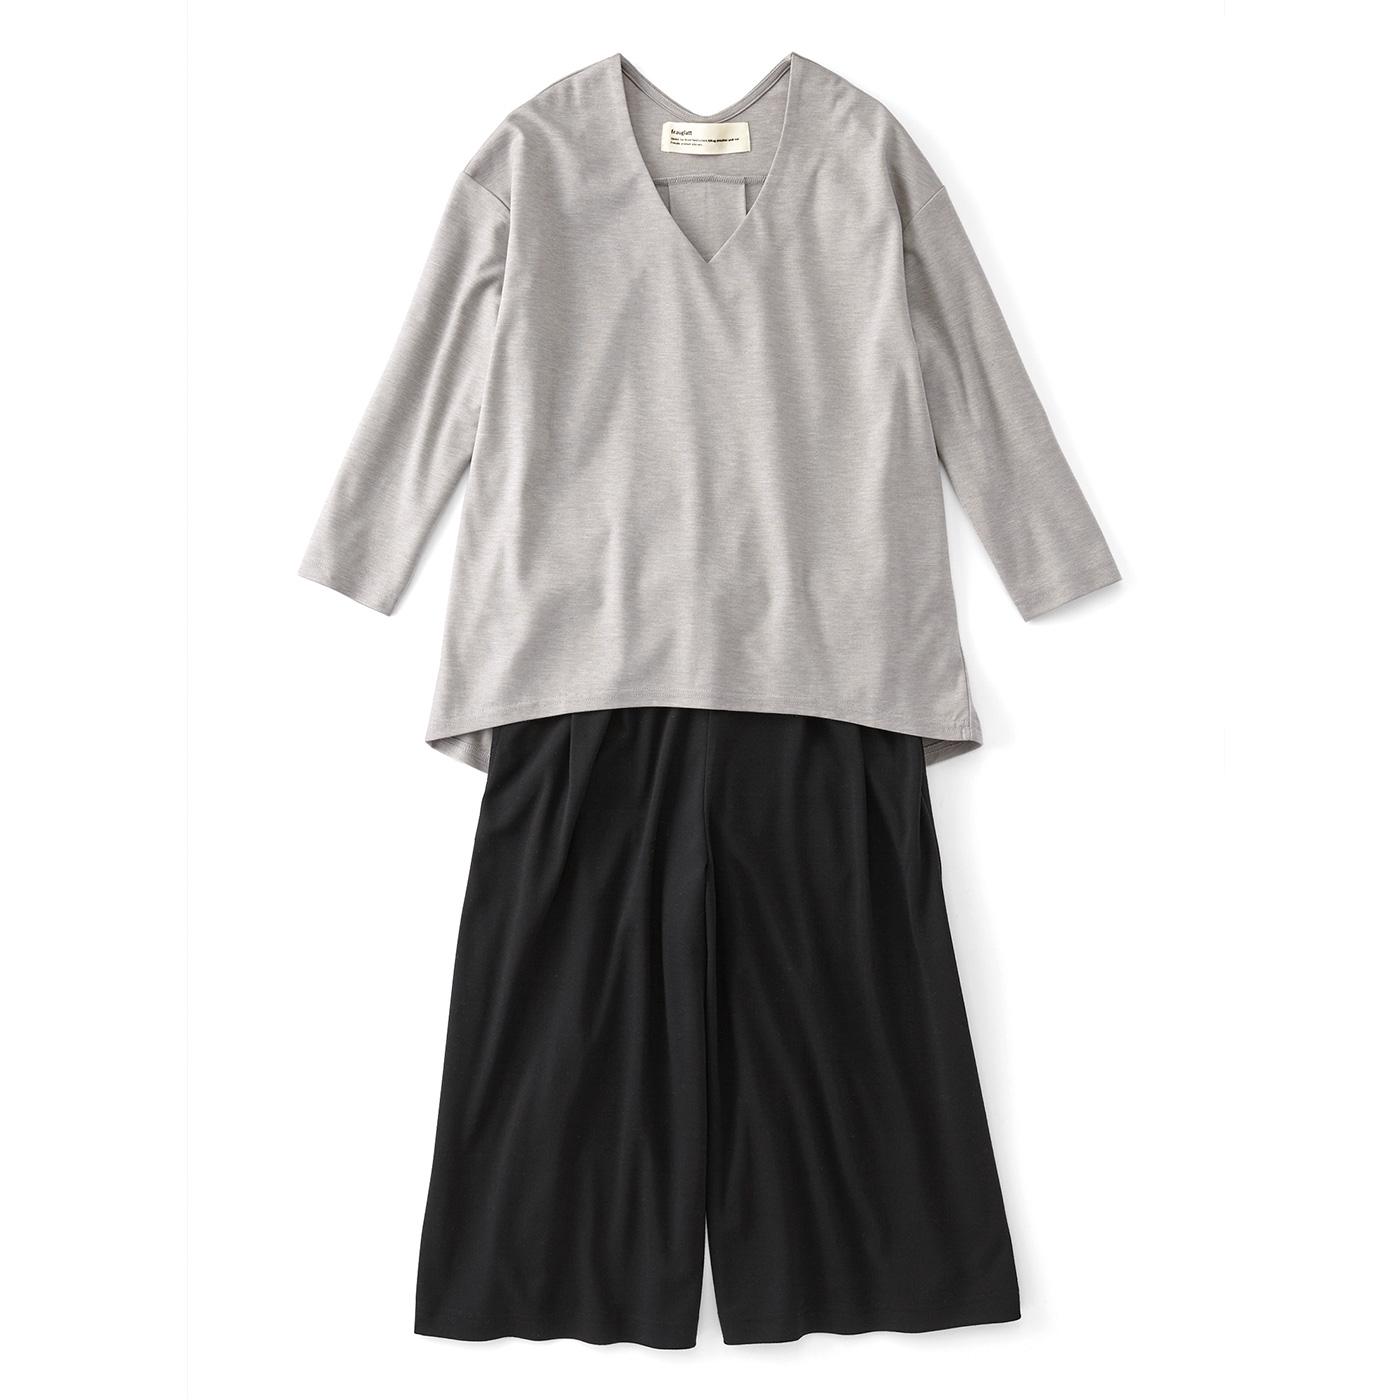 〈杢(もく)グレー×ブラック〉 手持ちのアイテムとも迷わず合わせられる、着まわし力抜群なモノトーン。